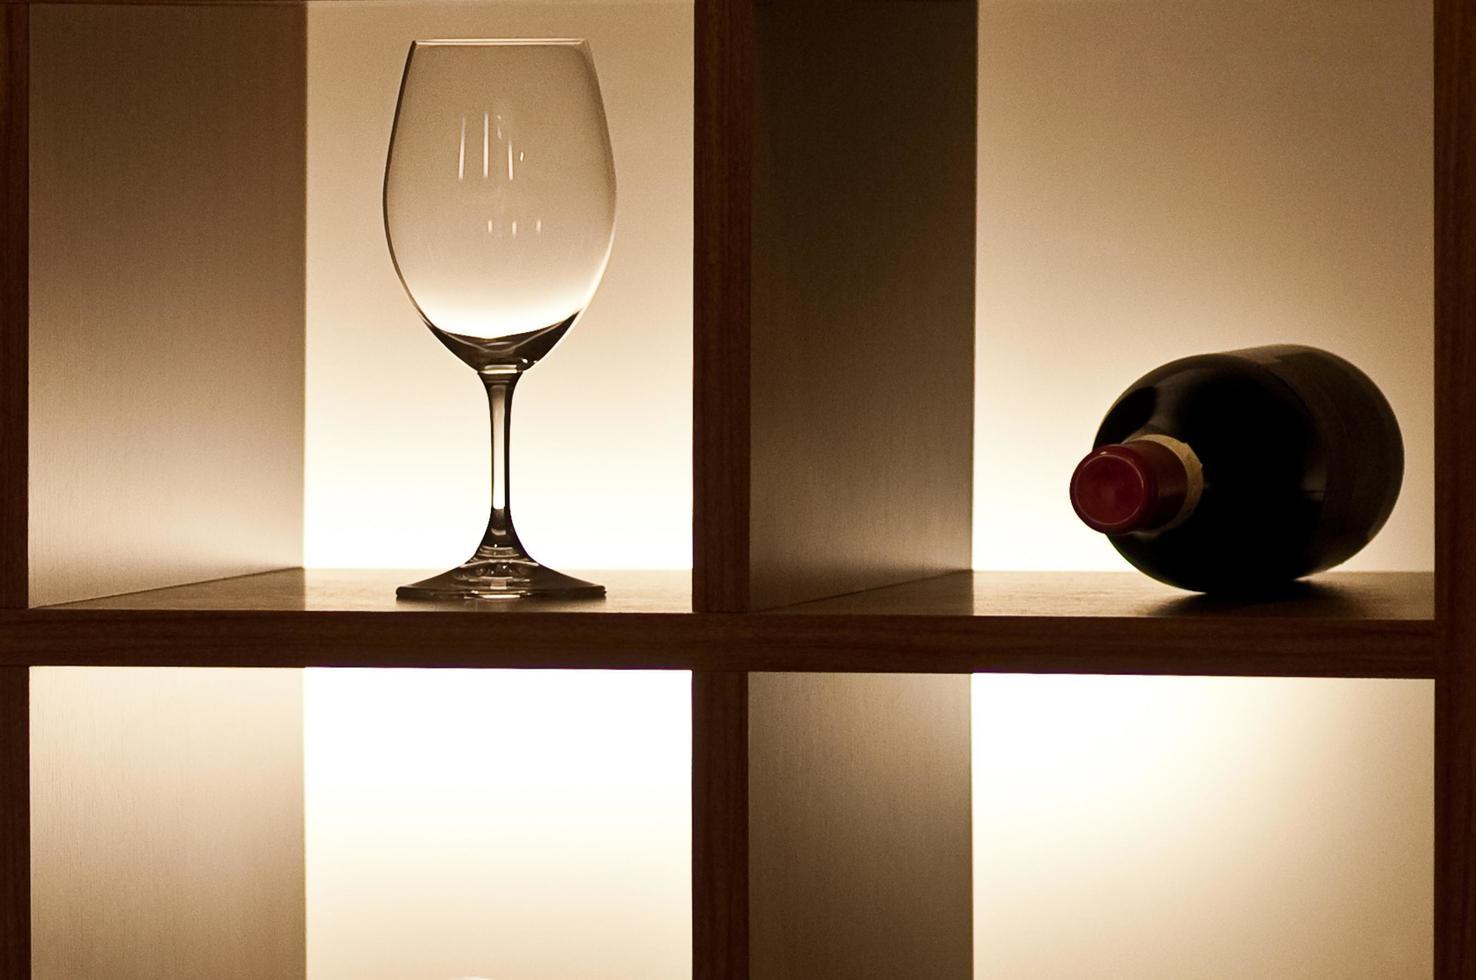 un unico bicchiere di vino vuoto con bellissimi riflessi e una bottiglia chiusa di vino rosso che giace su uno scaffale con illuminazione laterale impostata all'interno foto